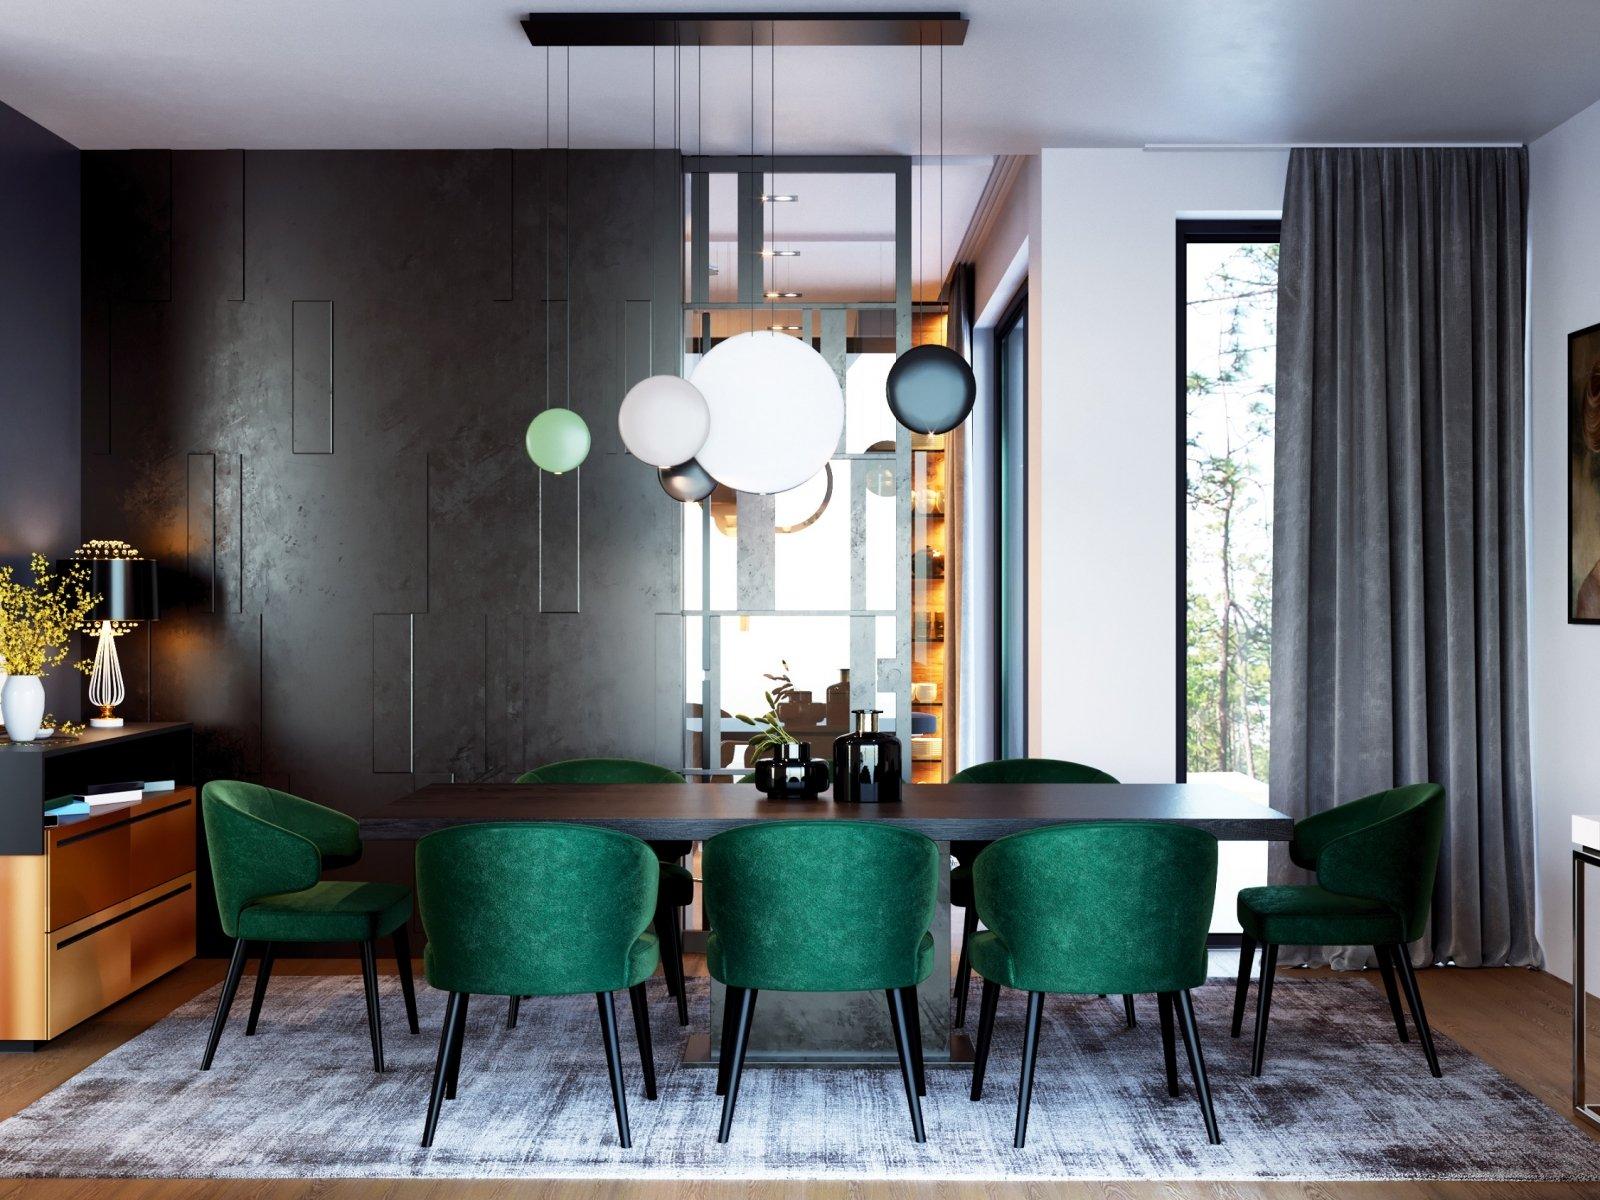 Luxury Dining Room Visualisation